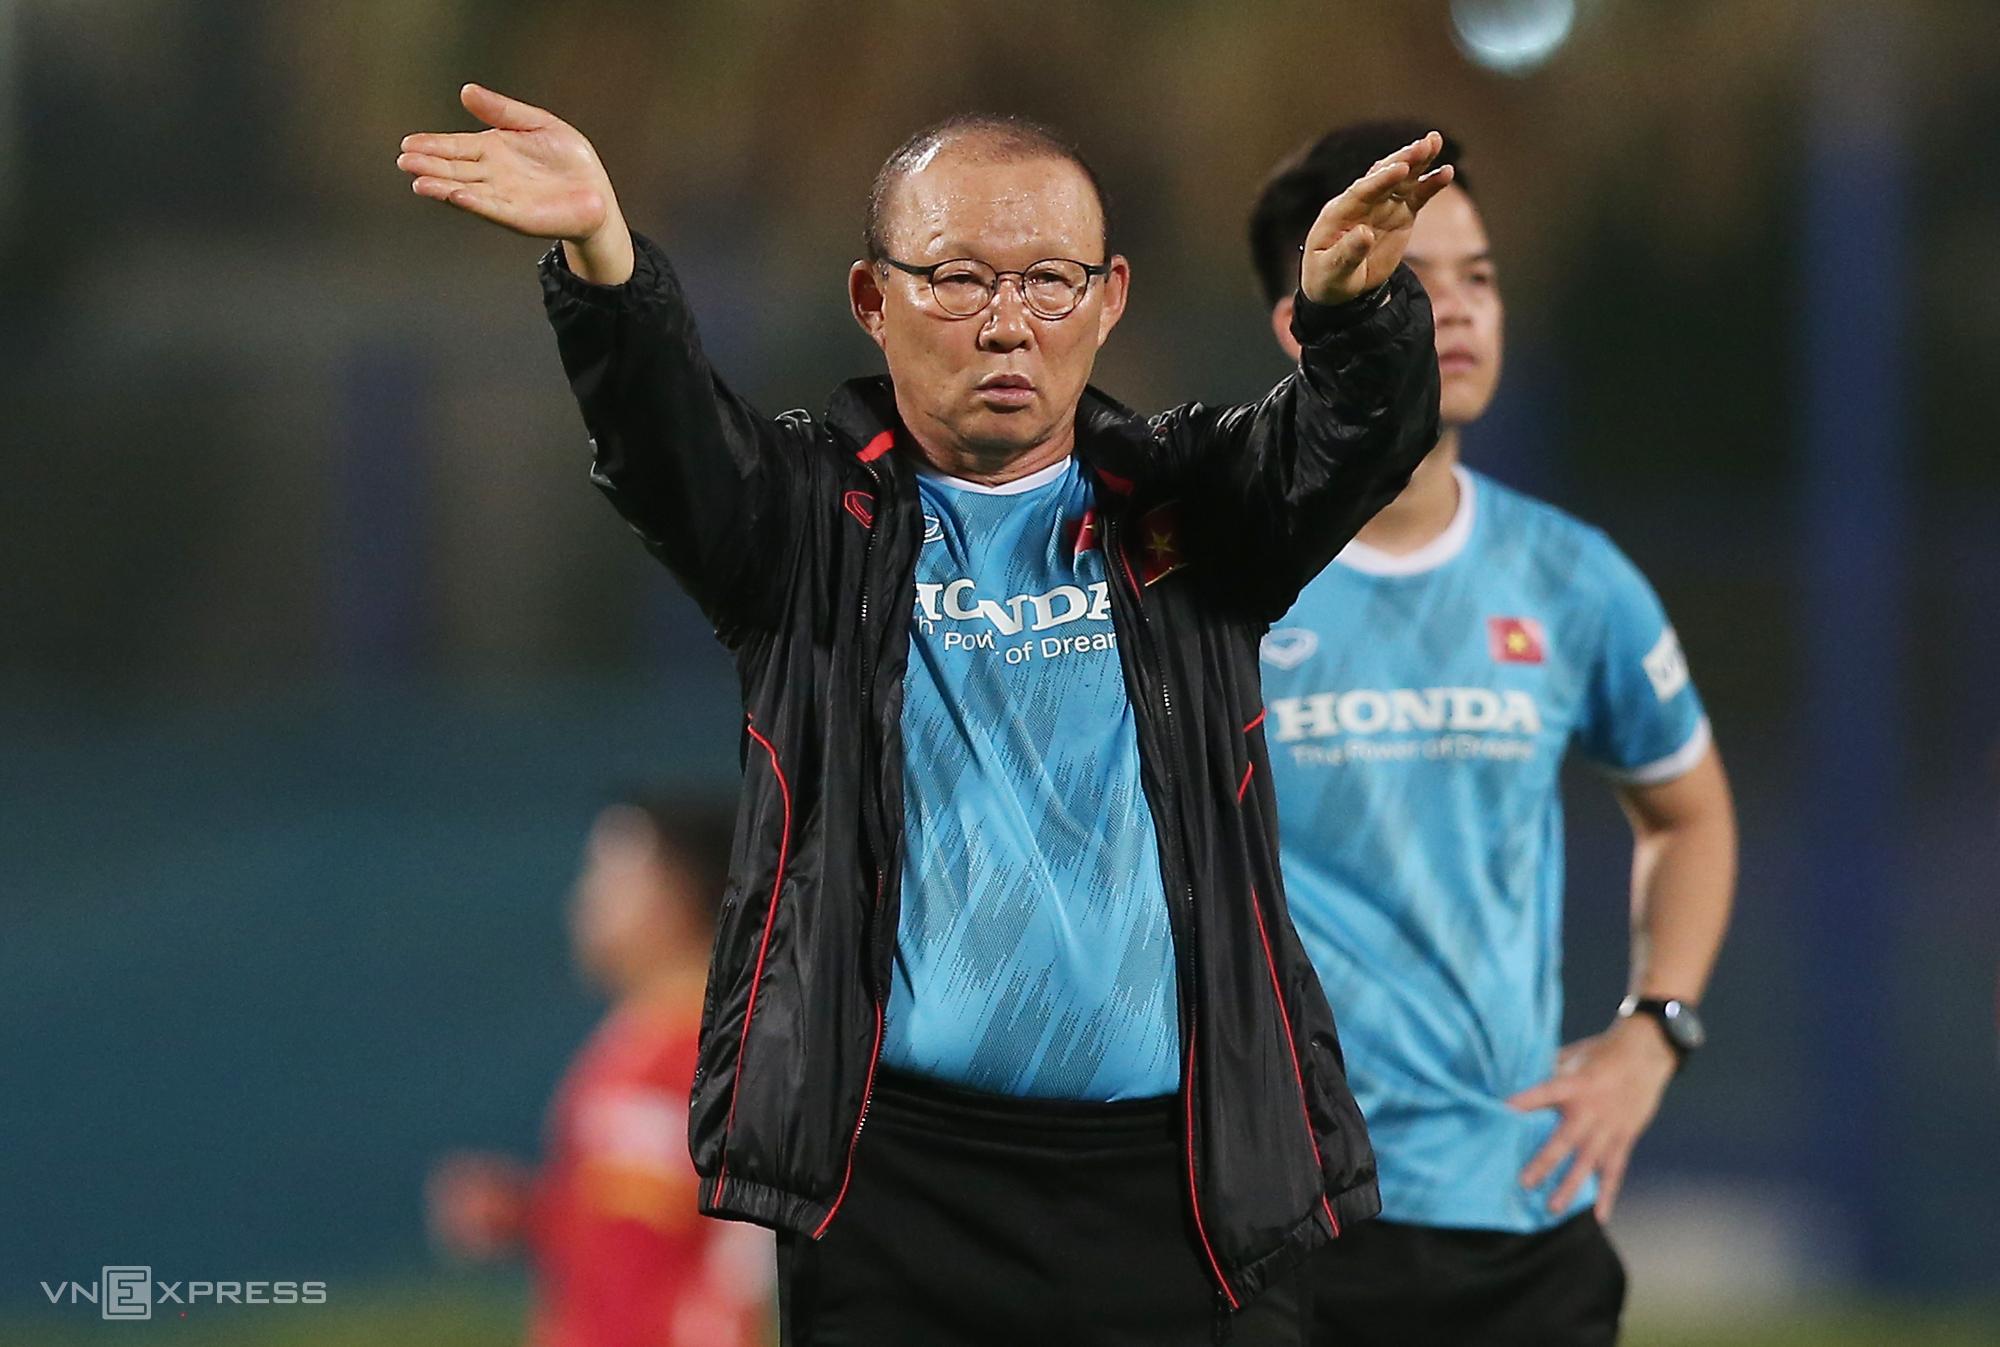 HLV Park Hang-seo sẽ bay từ Hàn Quốc sang Việt Nam ngày 28/7 để chuẩn bị cho vòng loại World Cup. Ảnh: Lâm Thoả